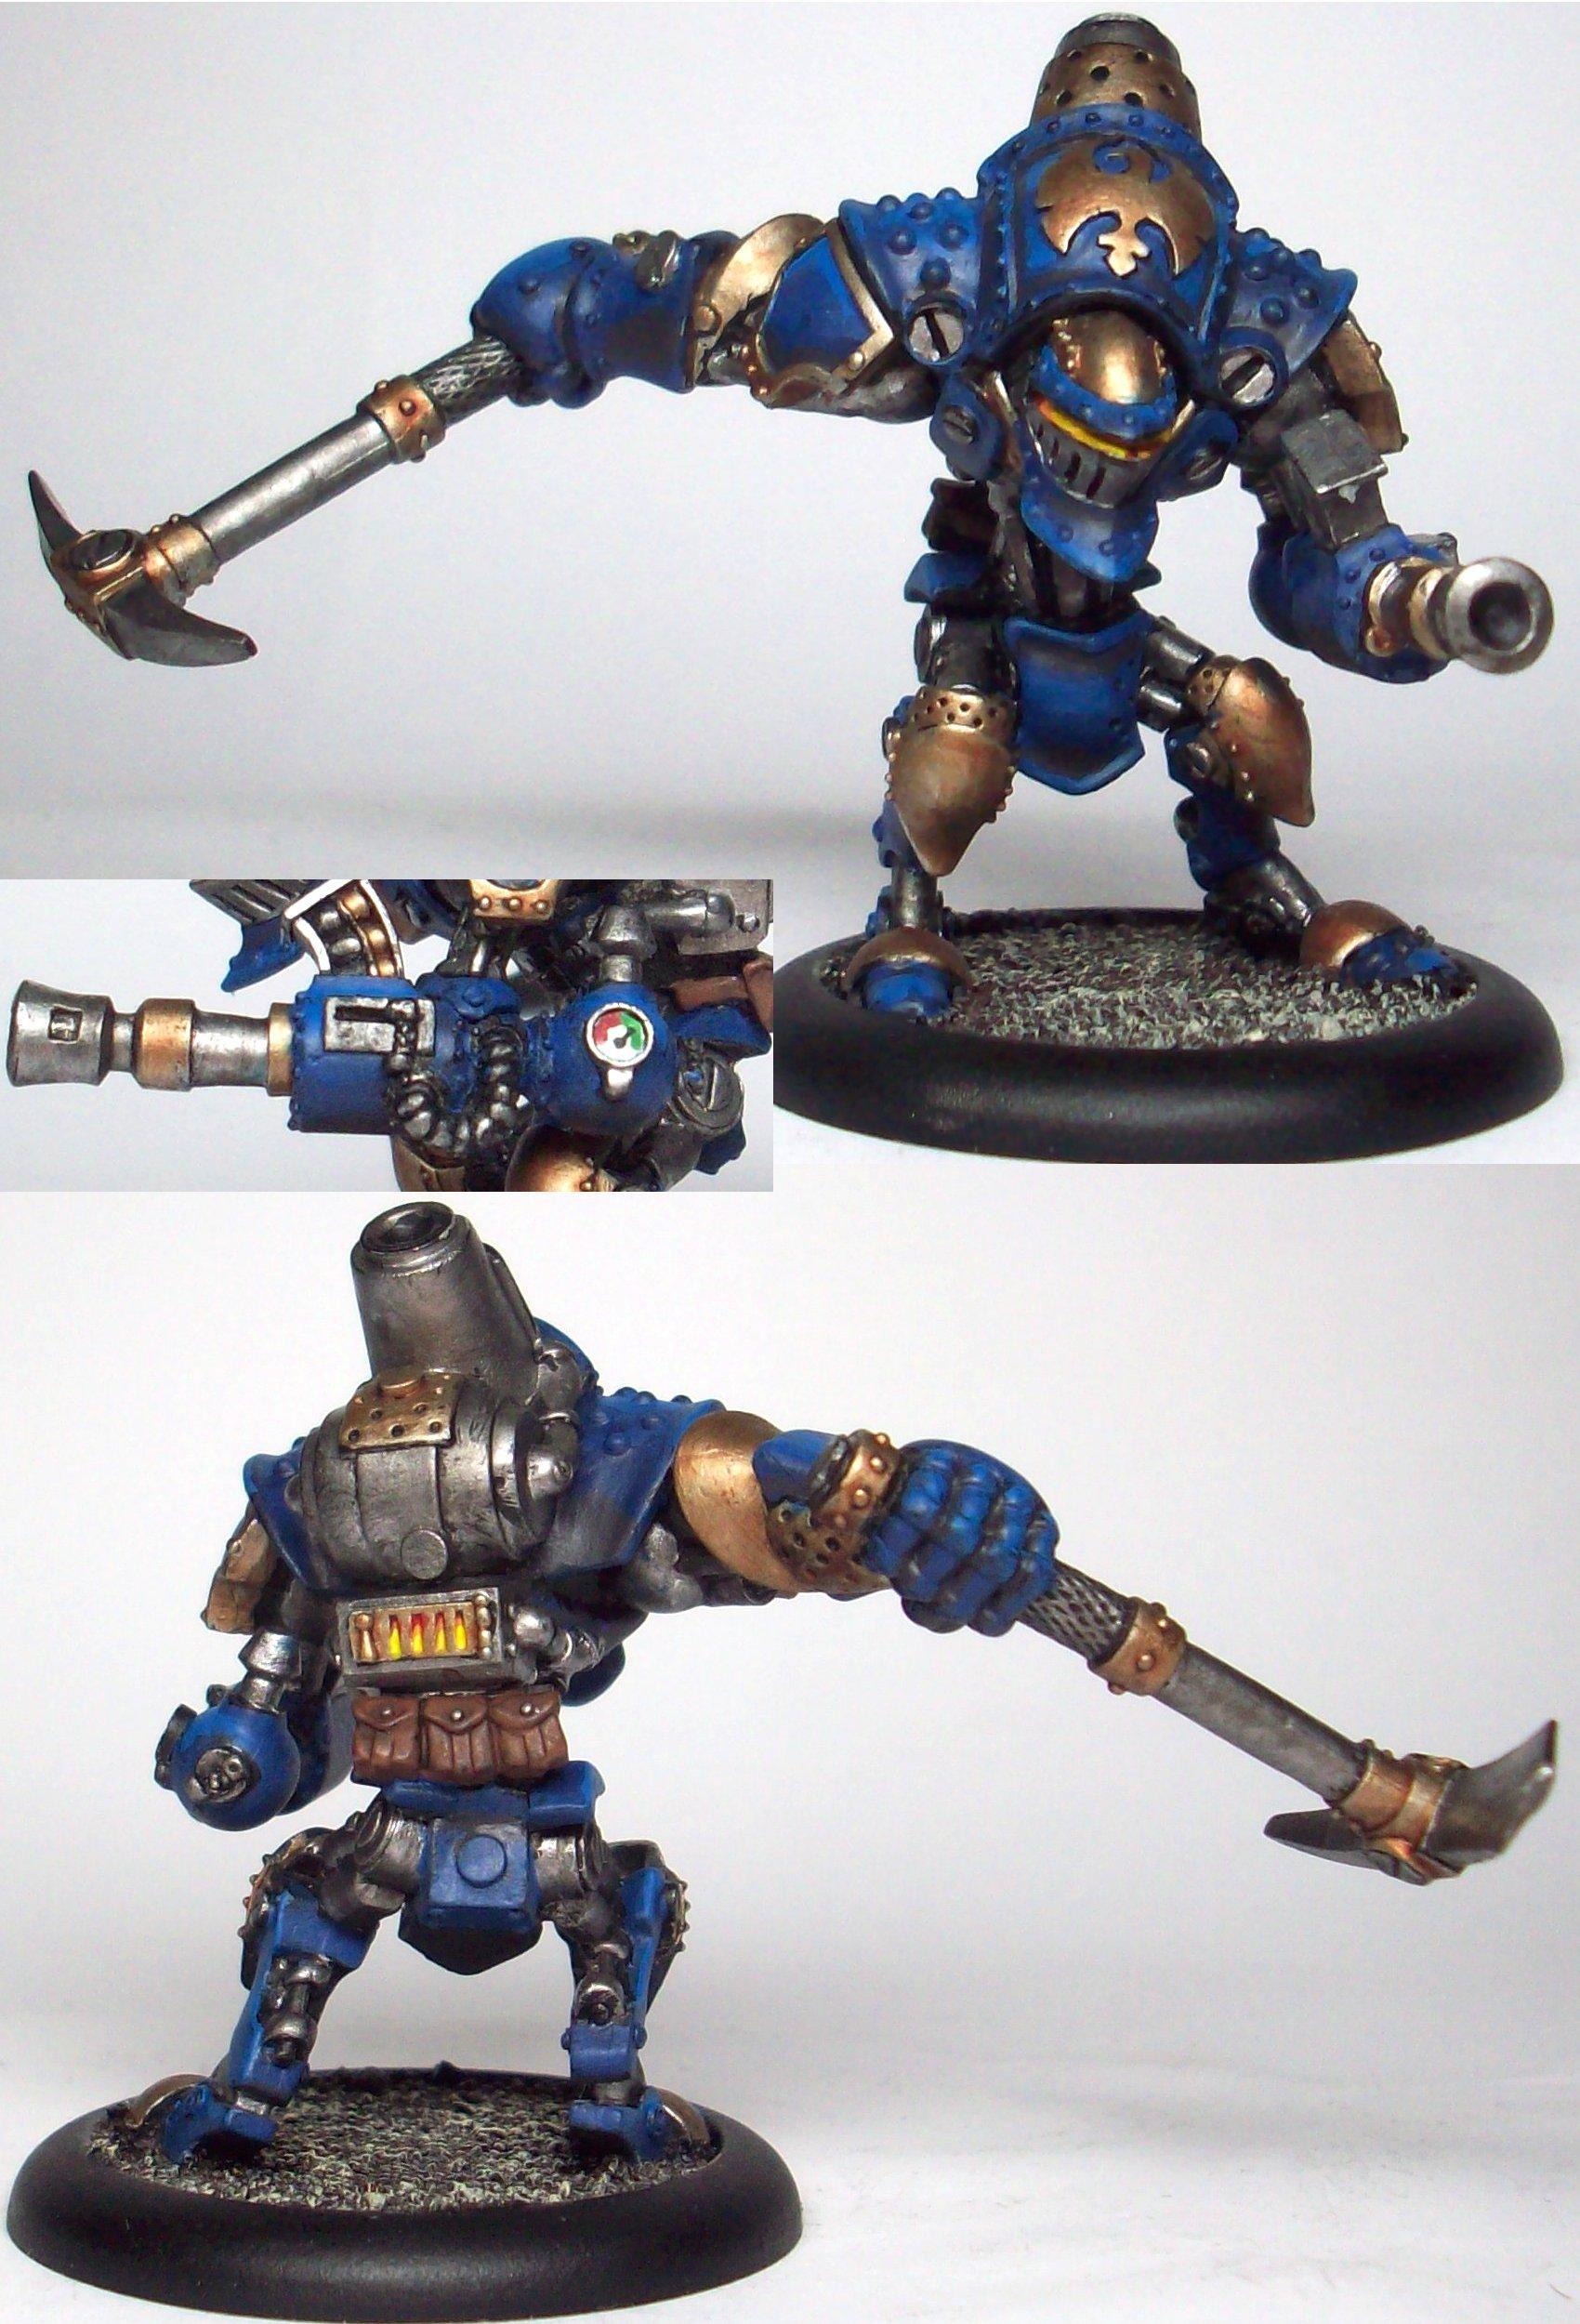 Cygnar, Grenadier, Warjack